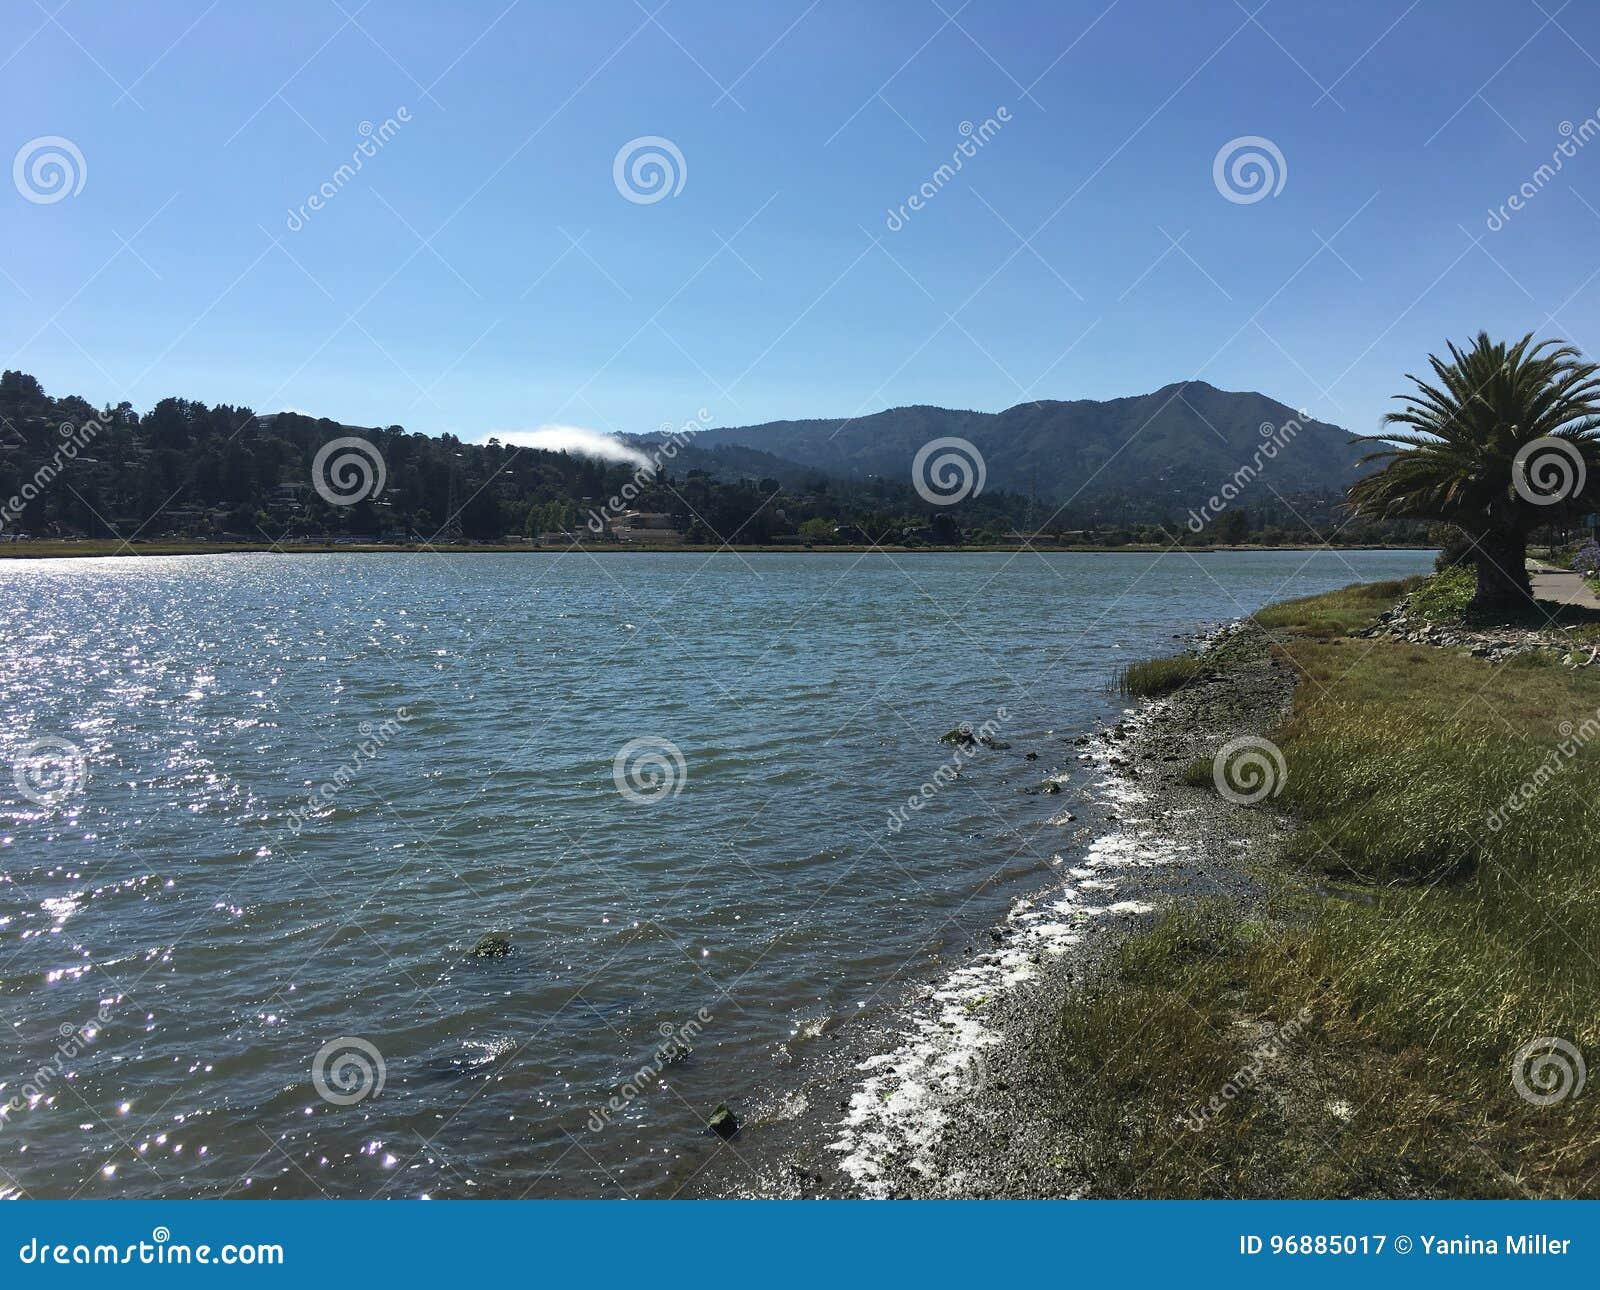 Baie, vagues, montagne, palmier, brouillard et ciel bleu